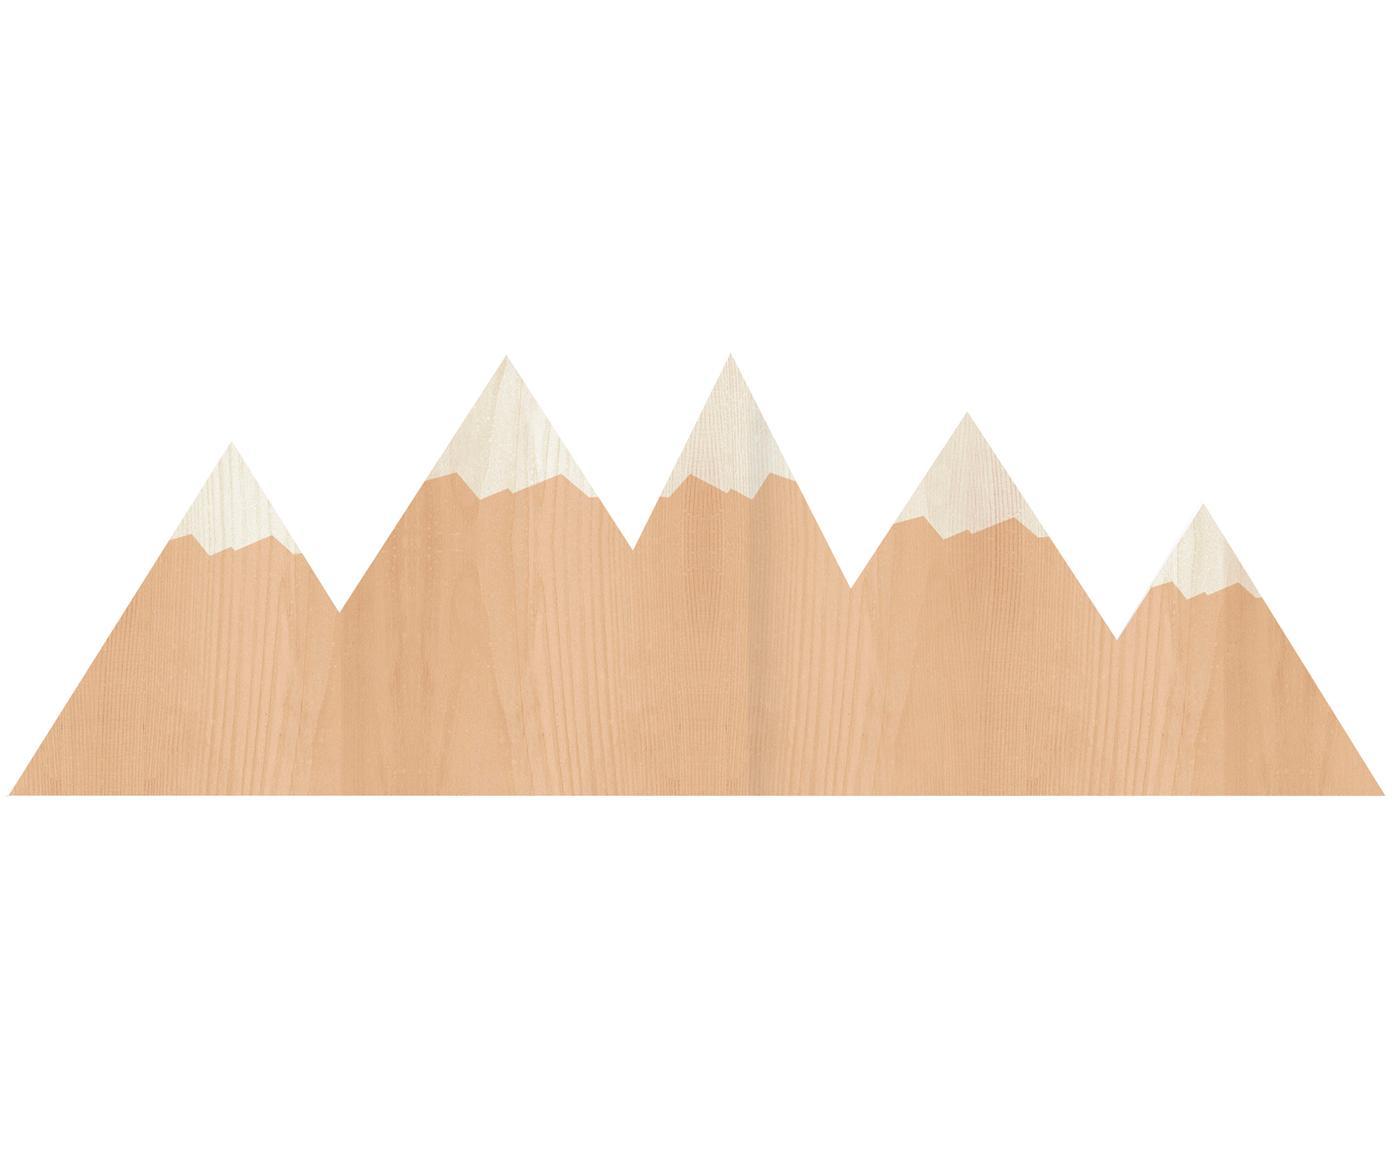 Kinkiet LED Mountains z wtyczką, Brązowy, kremowy, S 50 x W 16 cm